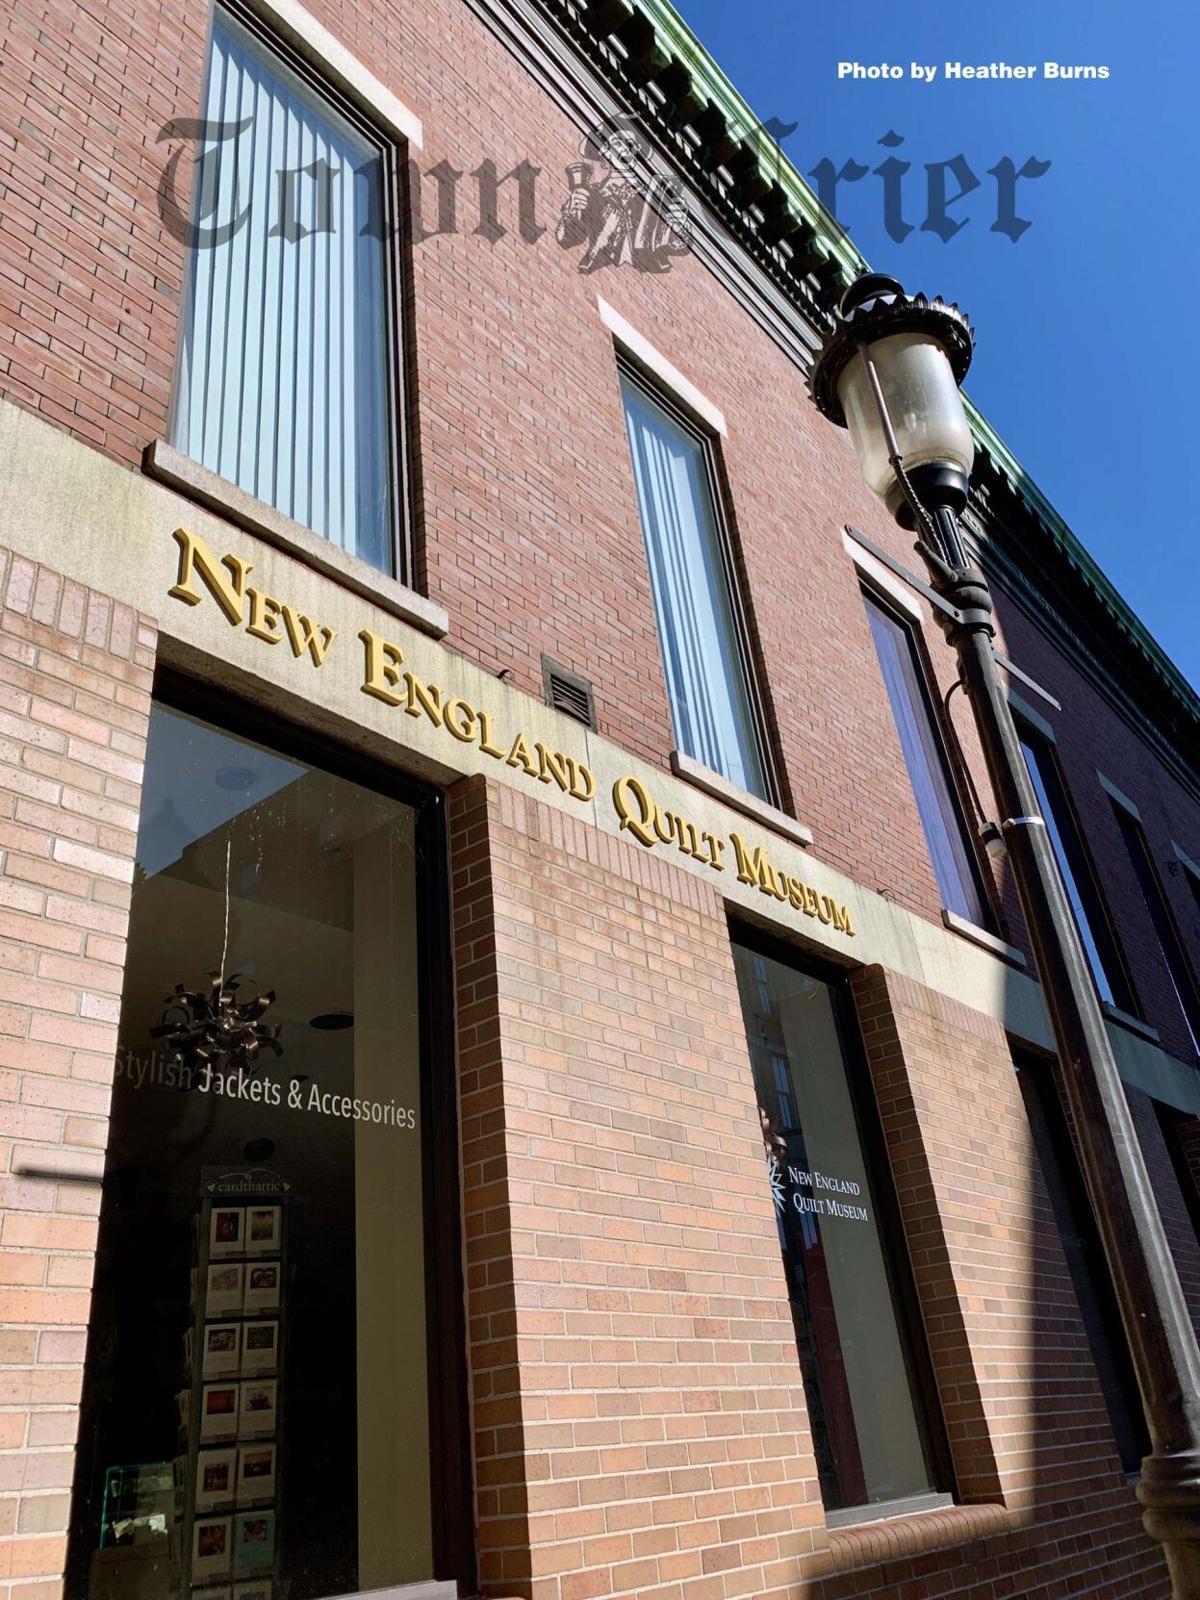 New England Quilt Museum exterior